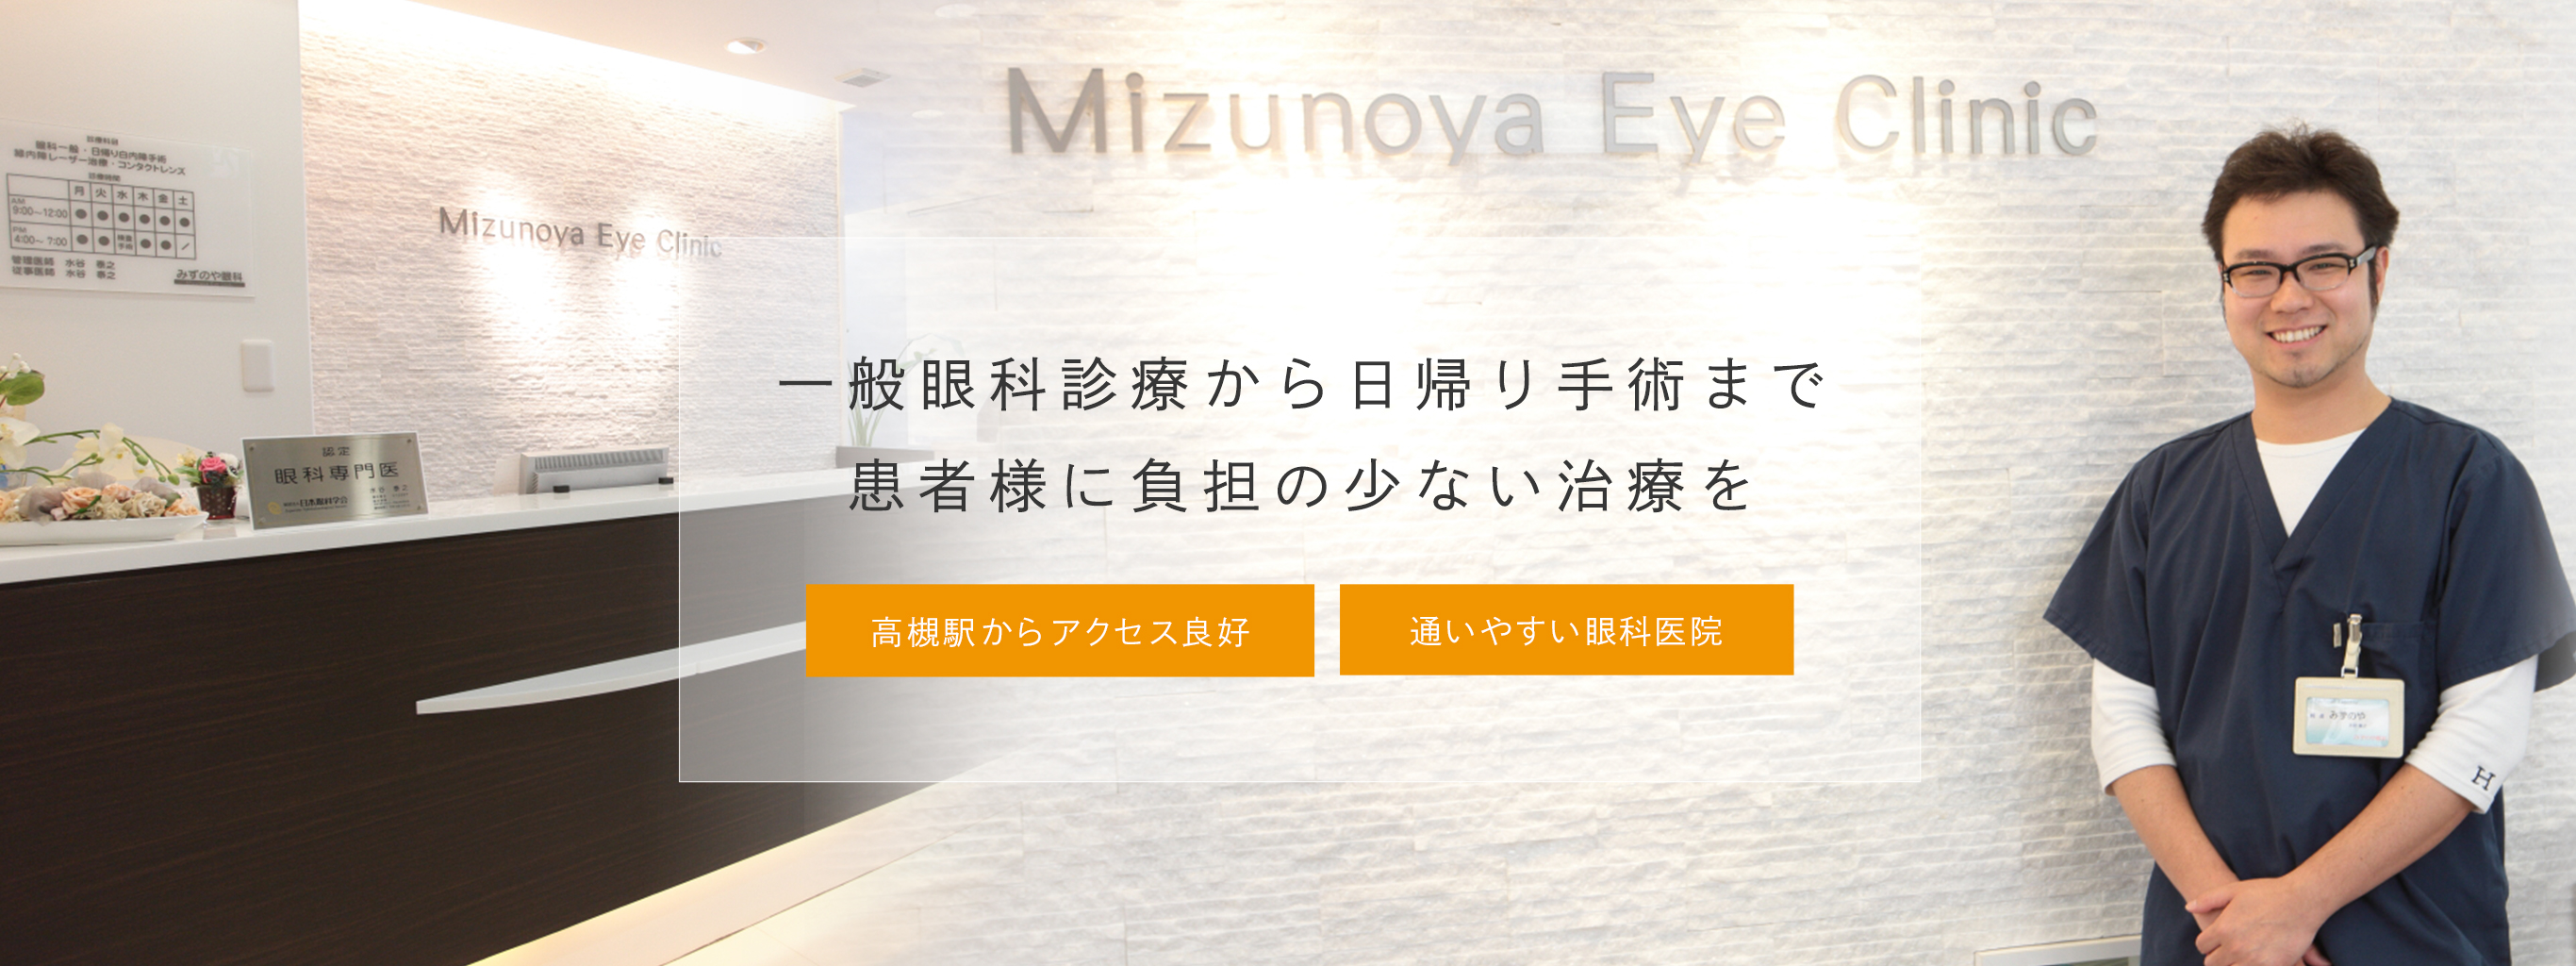 一般眼科診療から日帰り手術まで患者様に負担の少ない治療を 高槻駅からアクセス良好 通いやすい眼科医院